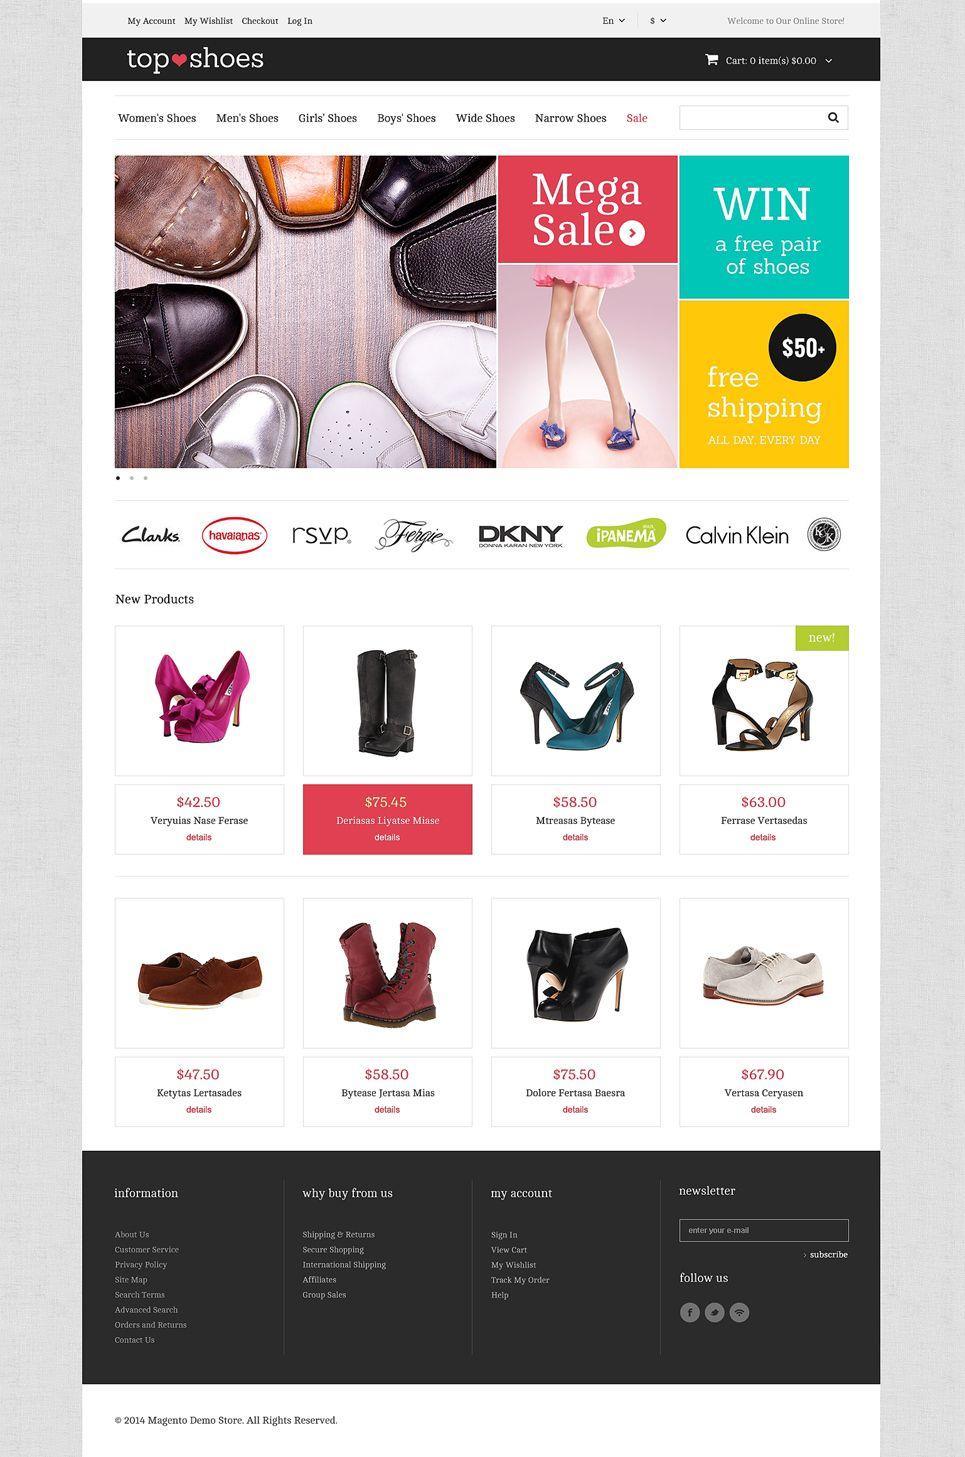 Top Shoes Shop Magento Theme #Shoes